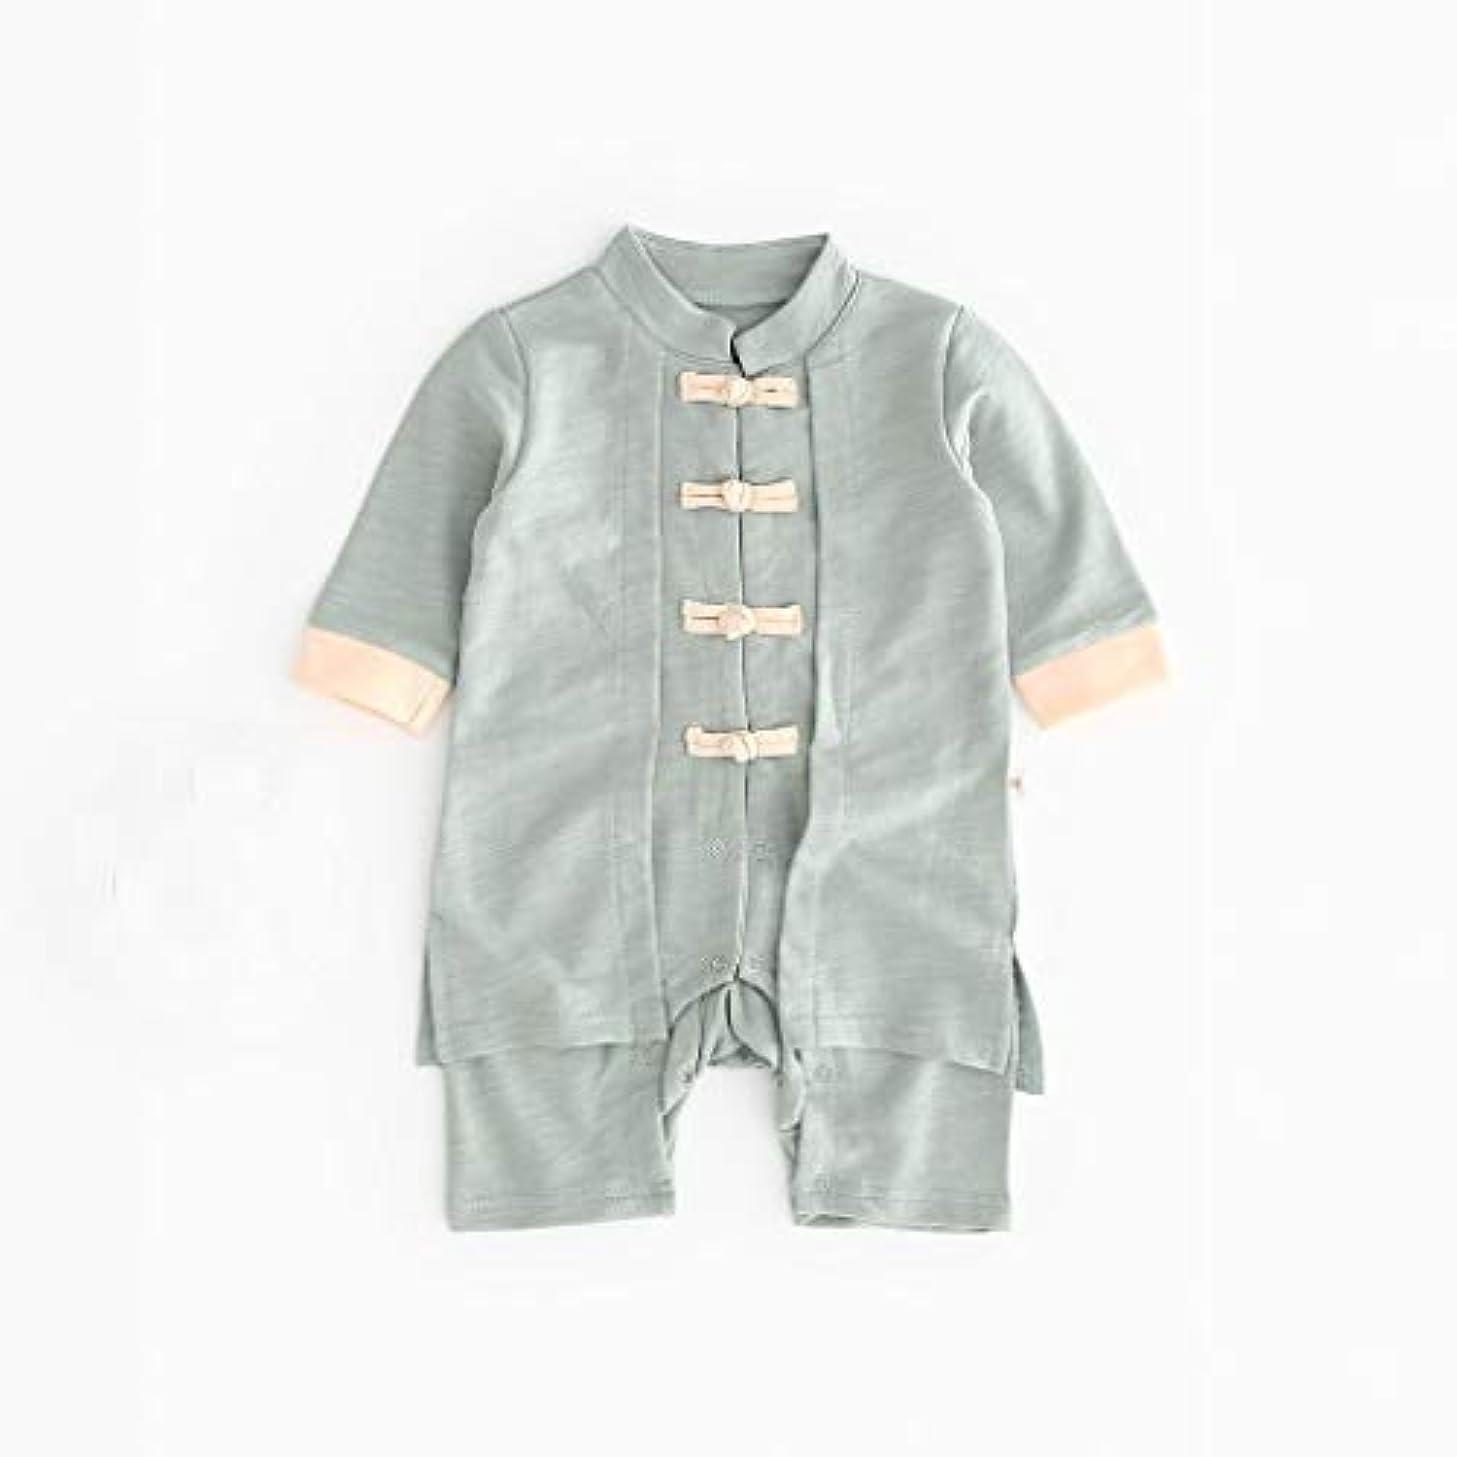 モロニック申込みパークかわいいボタン漢風生まれたばかりの赤ちゃん男の子女の子ボタン固体ロンパースジャンプスーツ着物服パジャマ女の子男の子レターストライプ長袖コットンロンパースジャンプスーツ